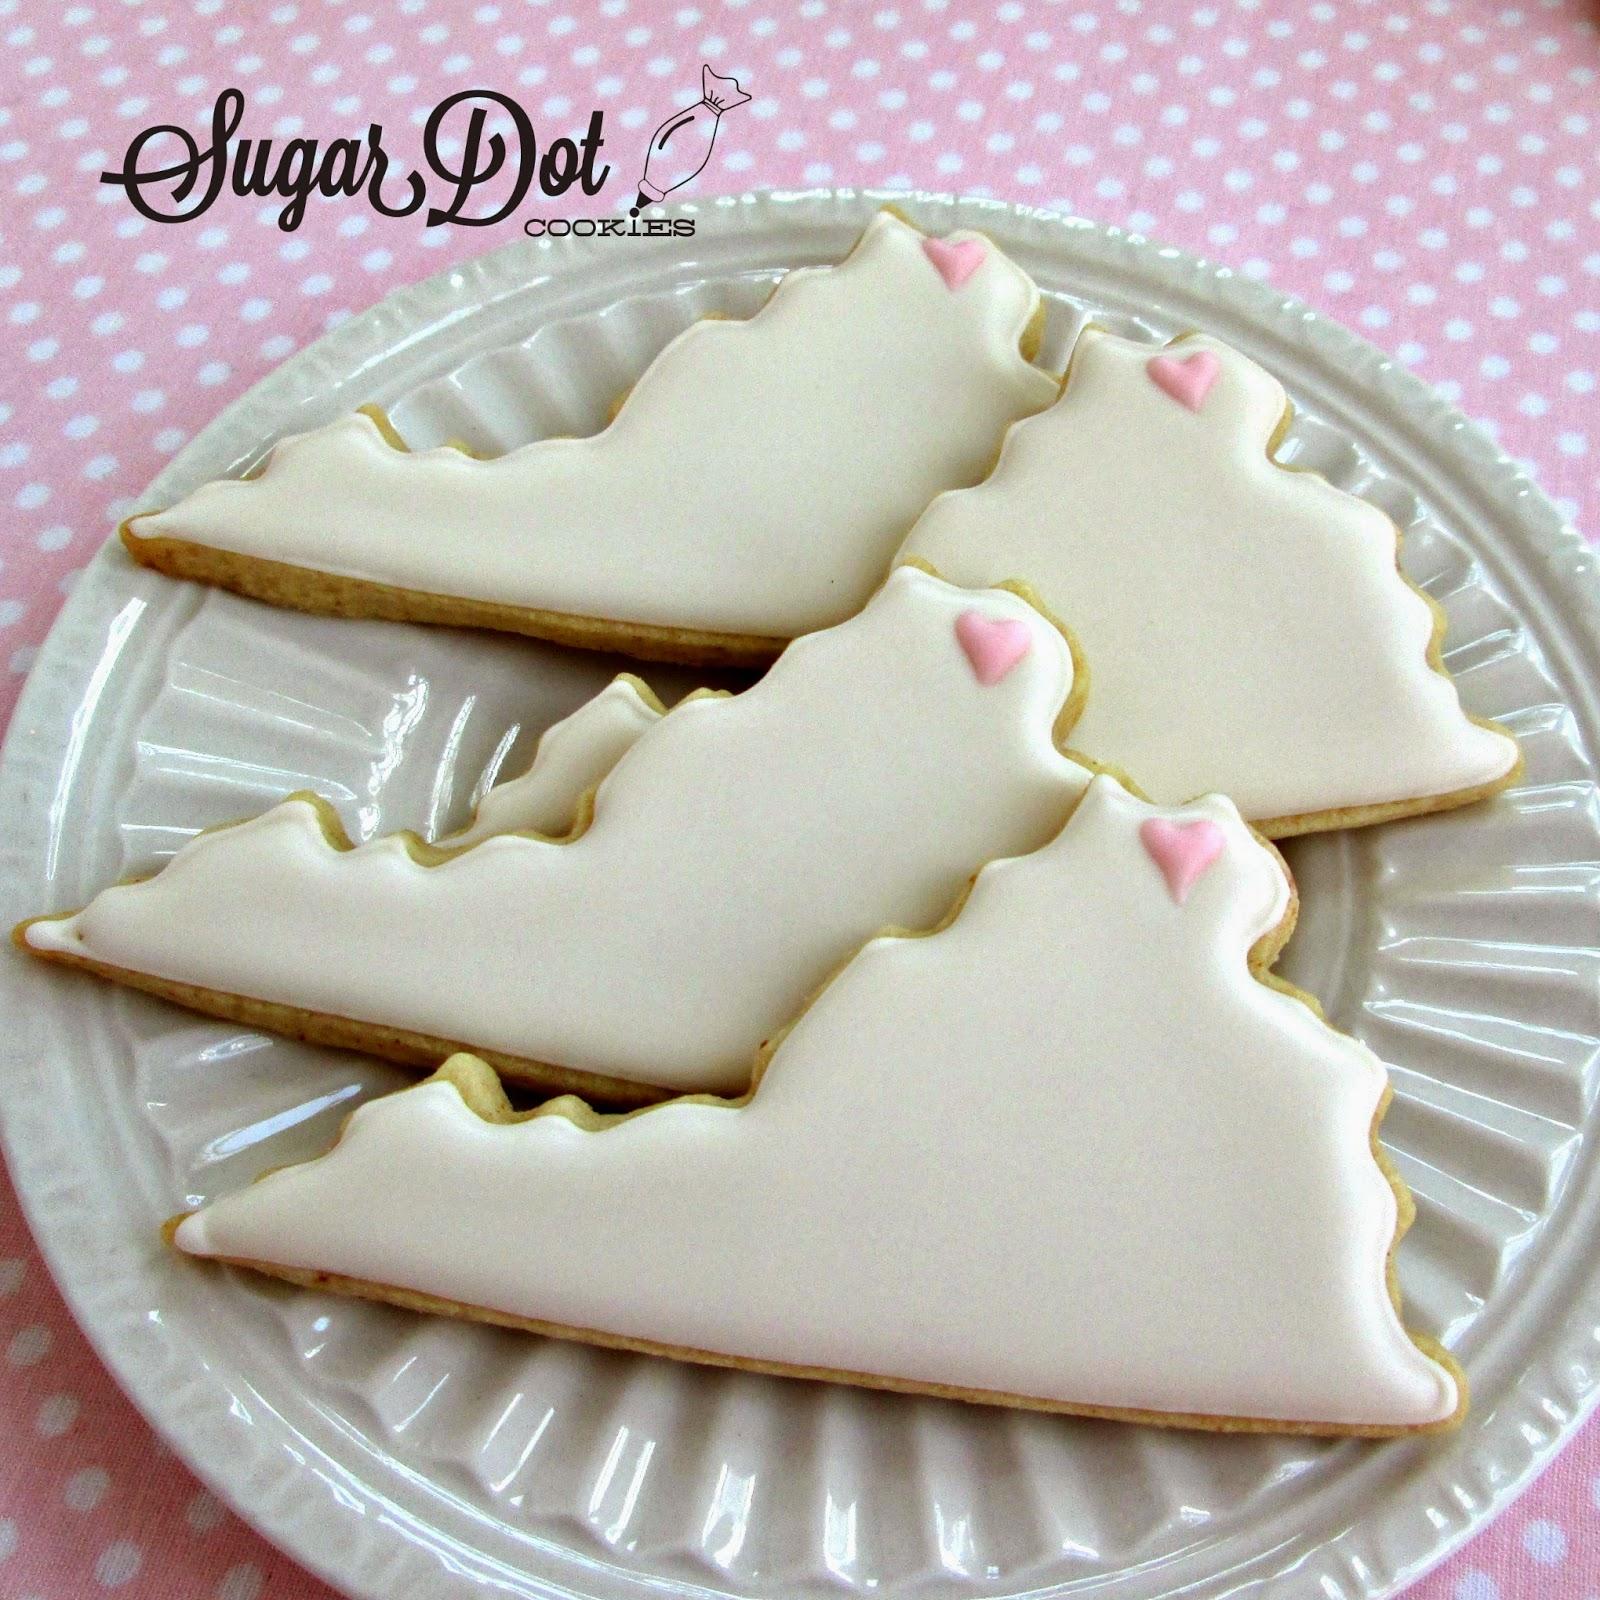 Sugar Dot Cookies: April 2014